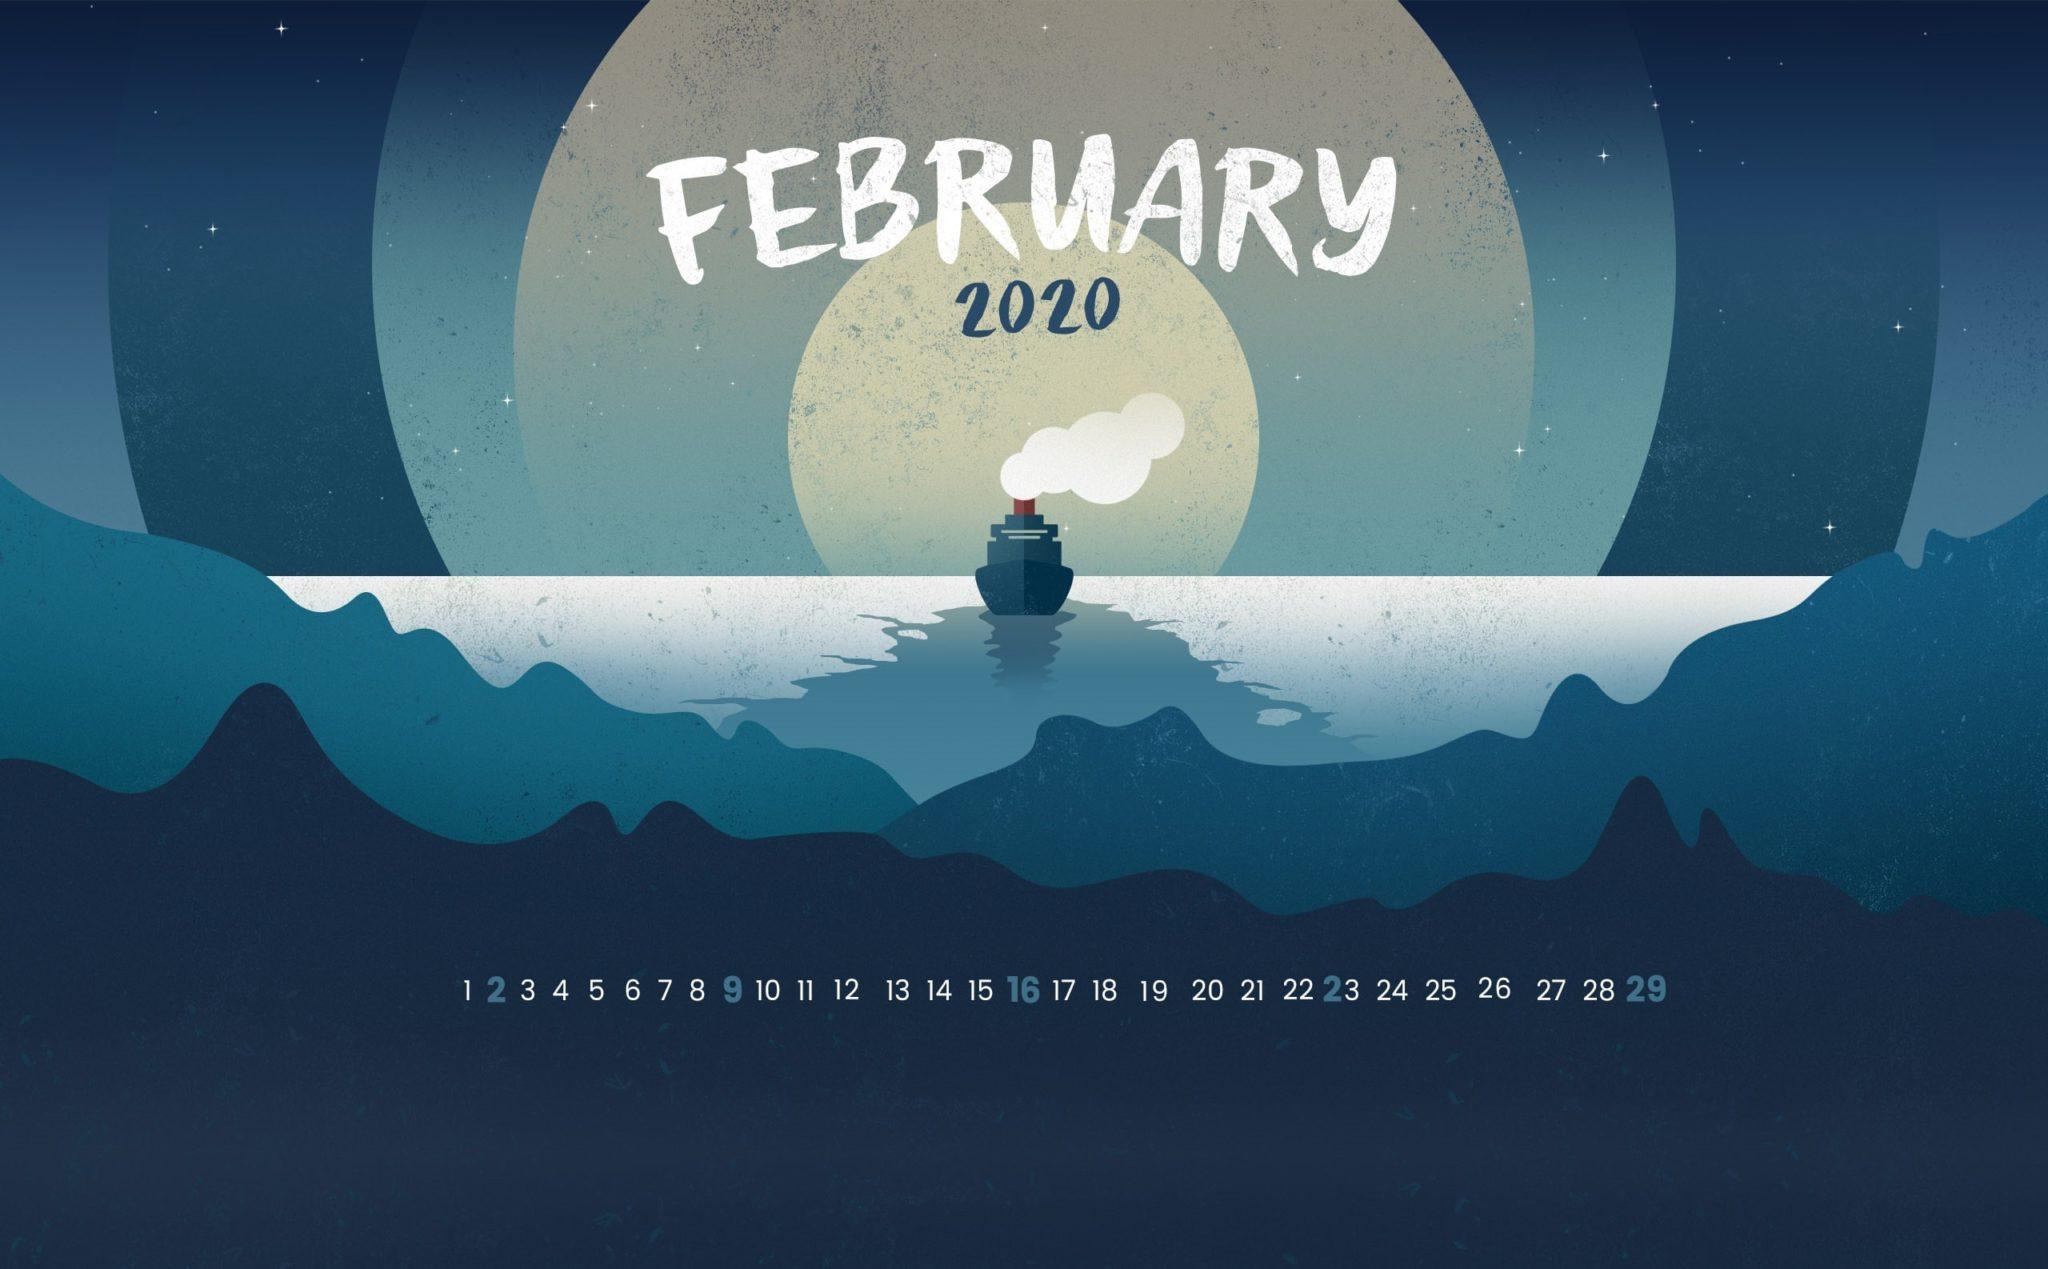 February 2020 Desktop Wallpaper Latest Calendar 2048x1269